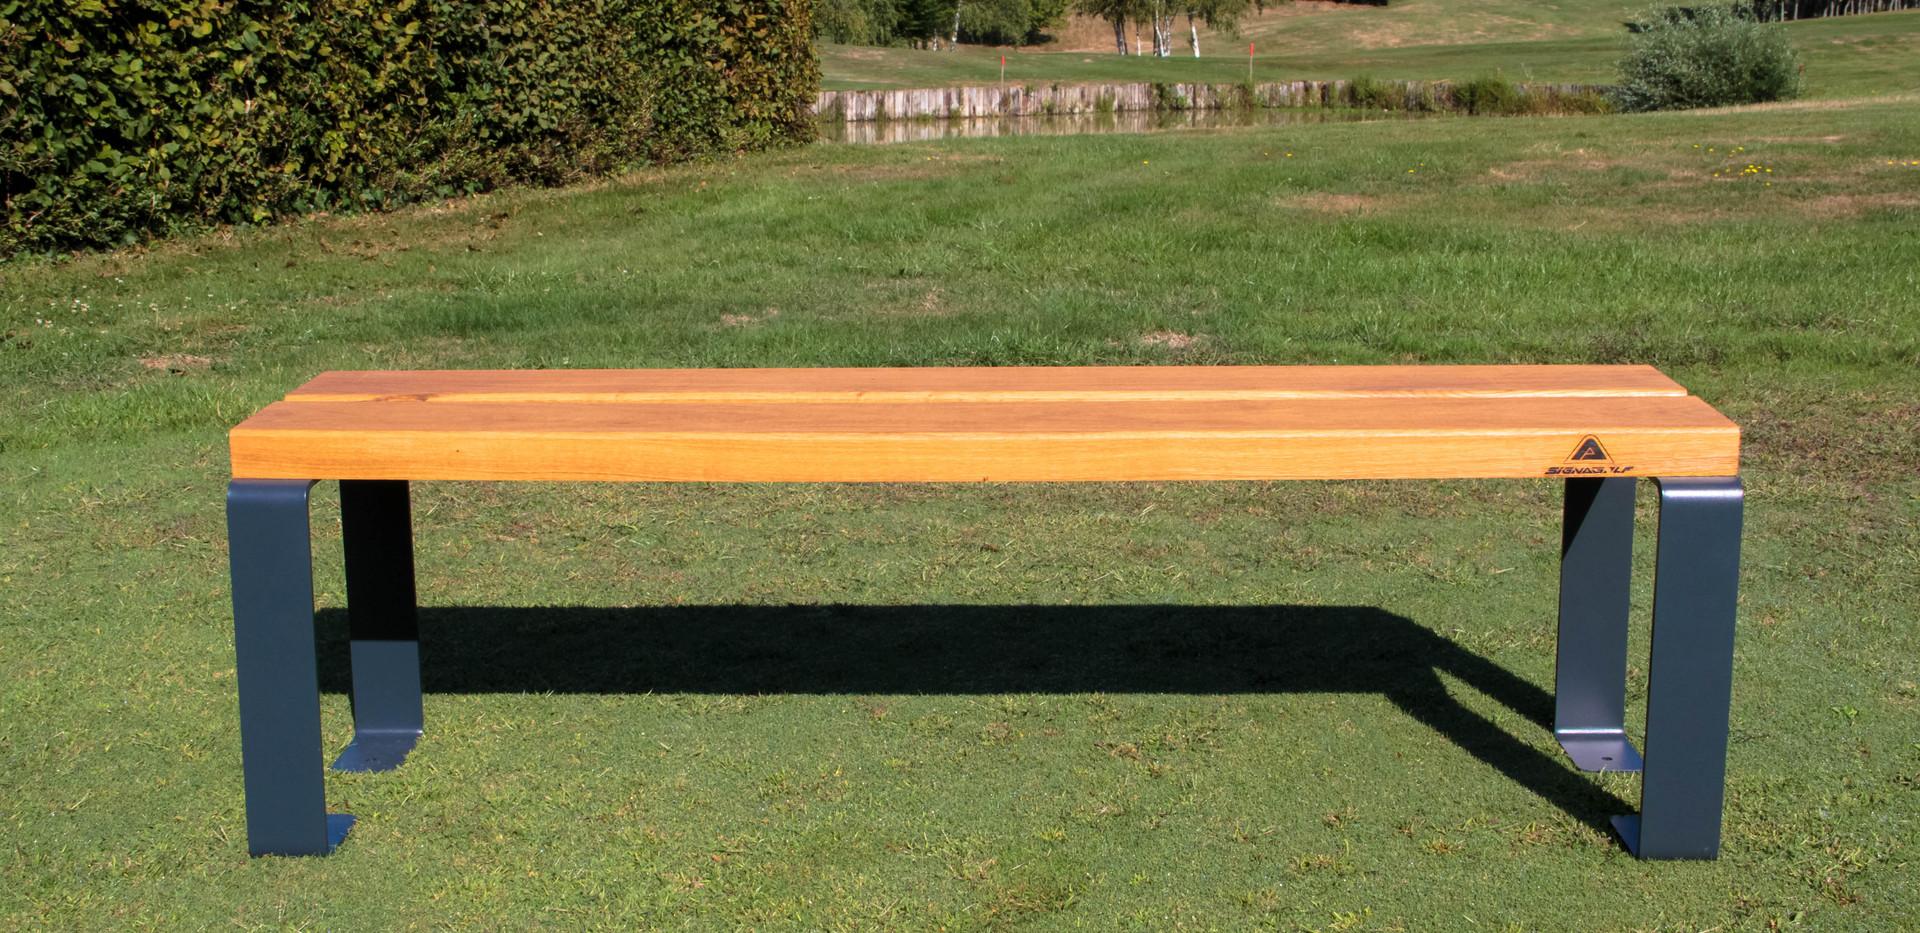 BANC HYBRID - 150cm - Chene francais PEF